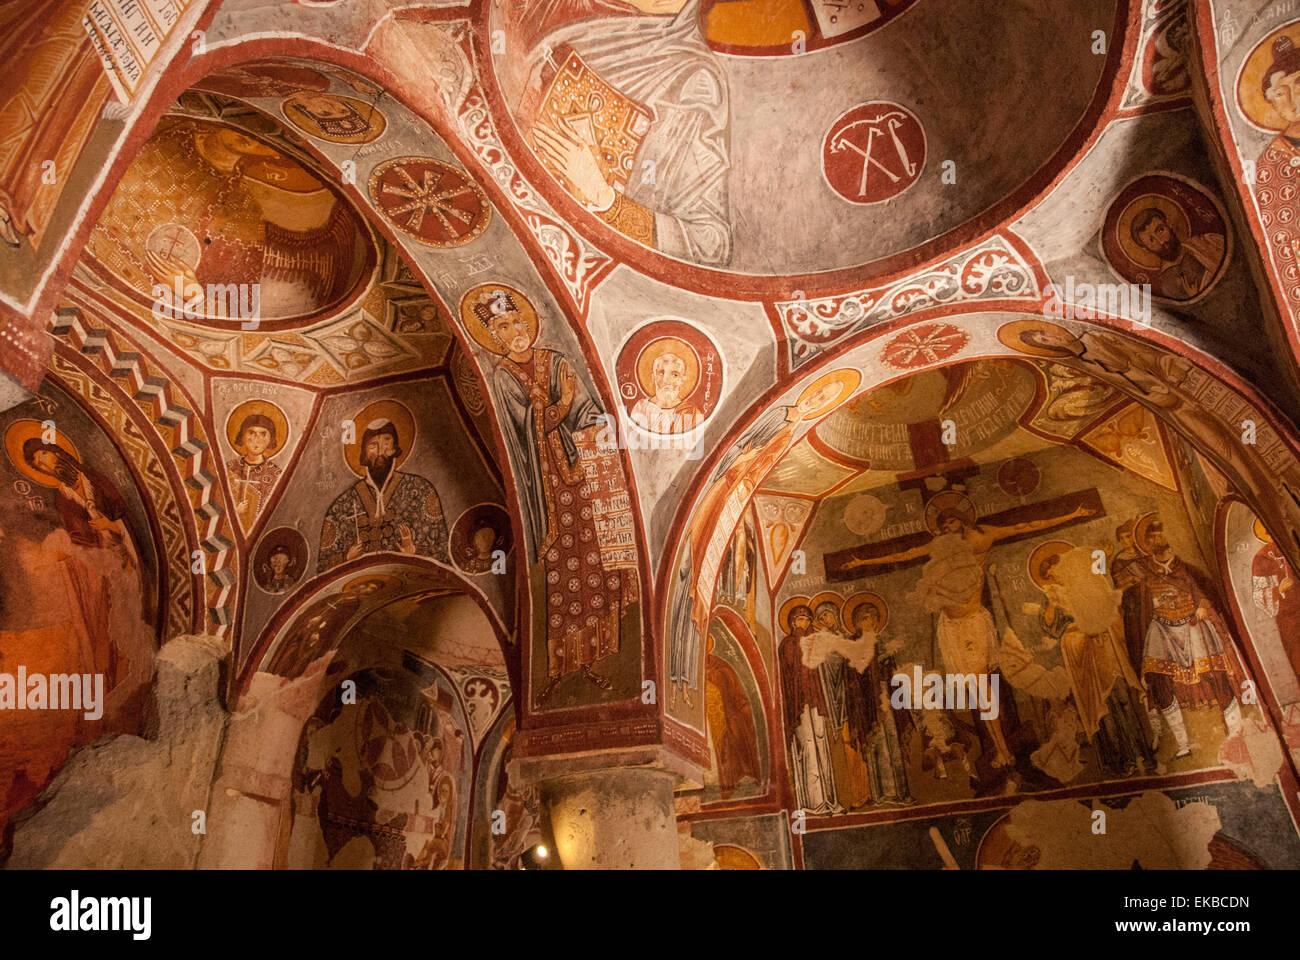 Apple-Kirche, Göreme, UNESCO-Weltkulturerbe, Kappadokien, Anatolien, Türkei, Kleinasien, Eurasien Stockbild